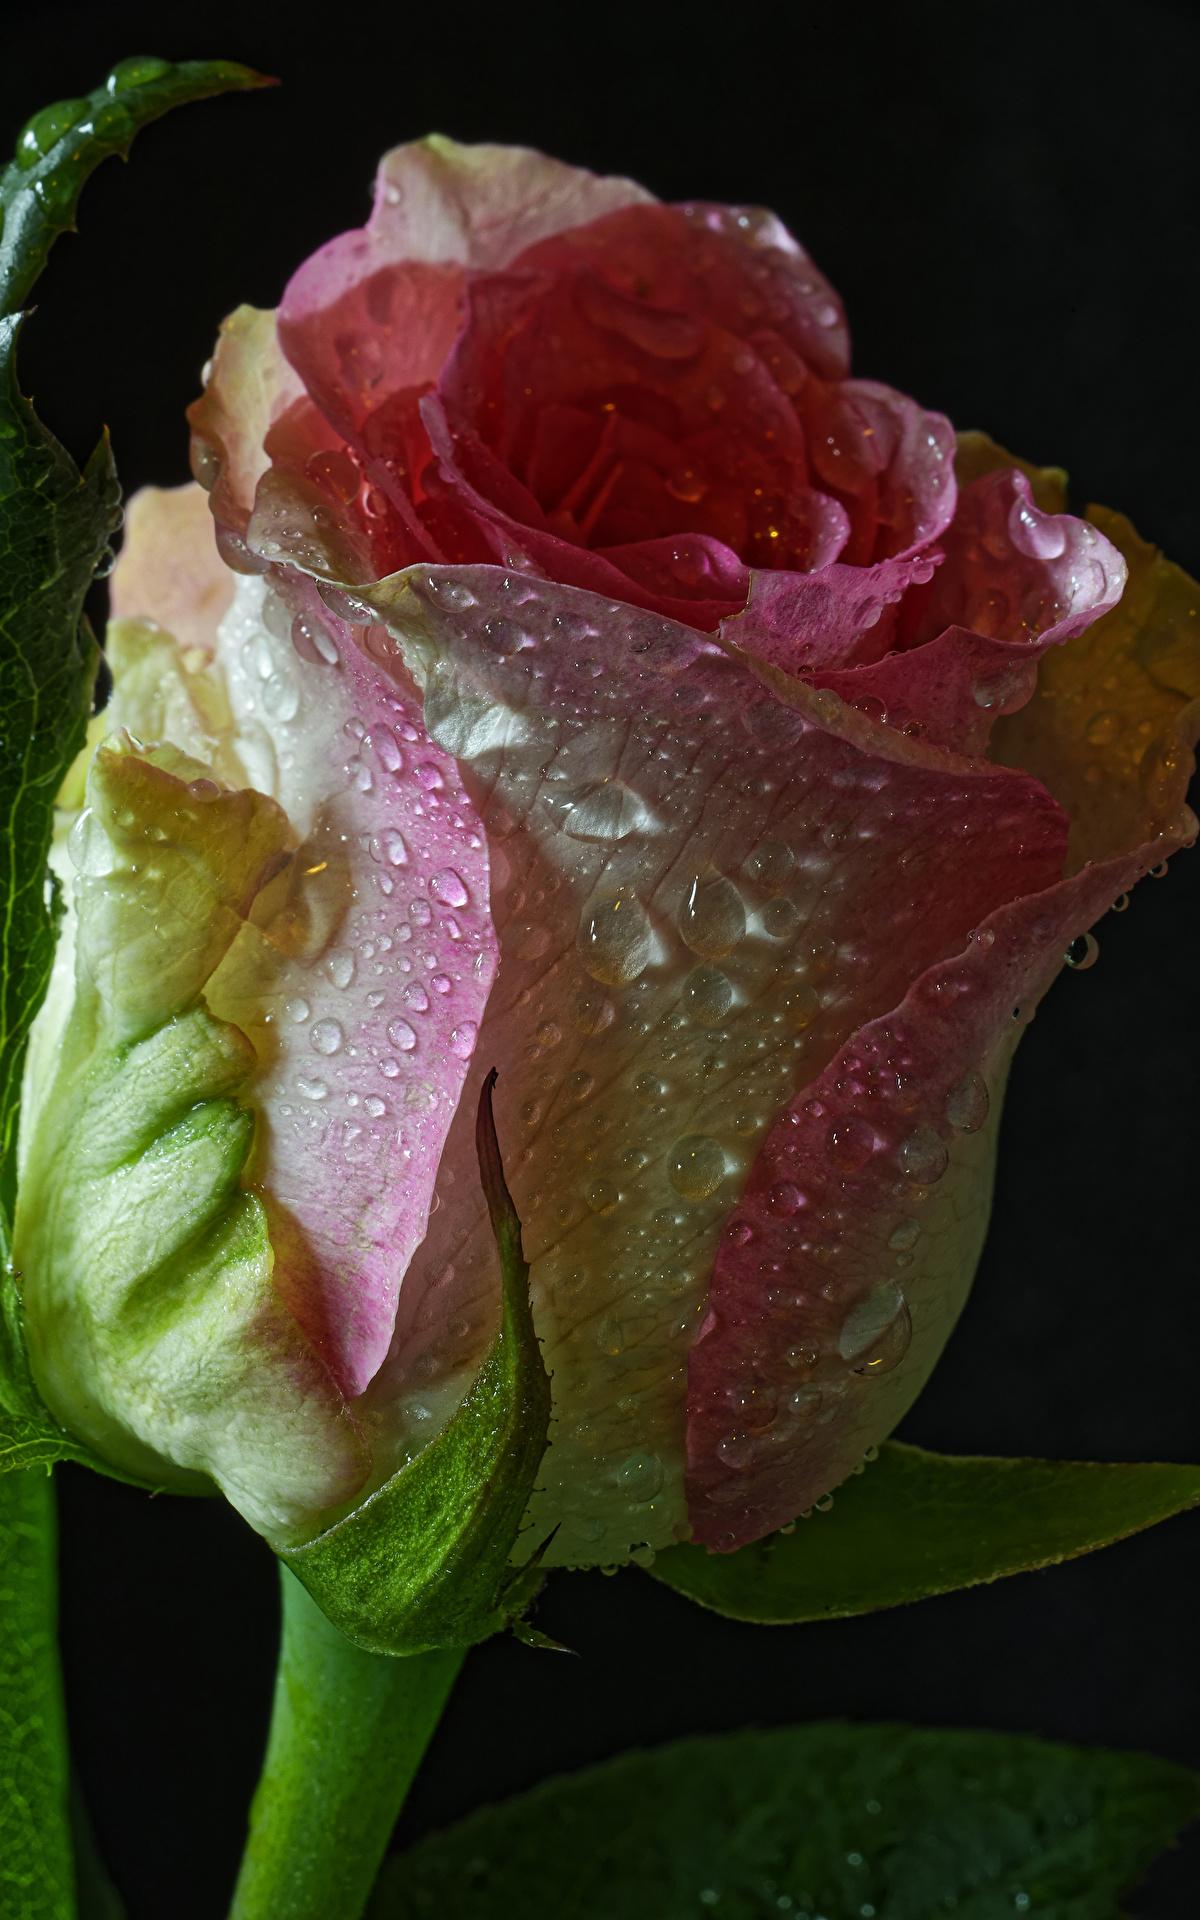 Картинки Розы Цветы Капли Черный фон Крупным планом 1200x1920 капля капель капельки вблизи